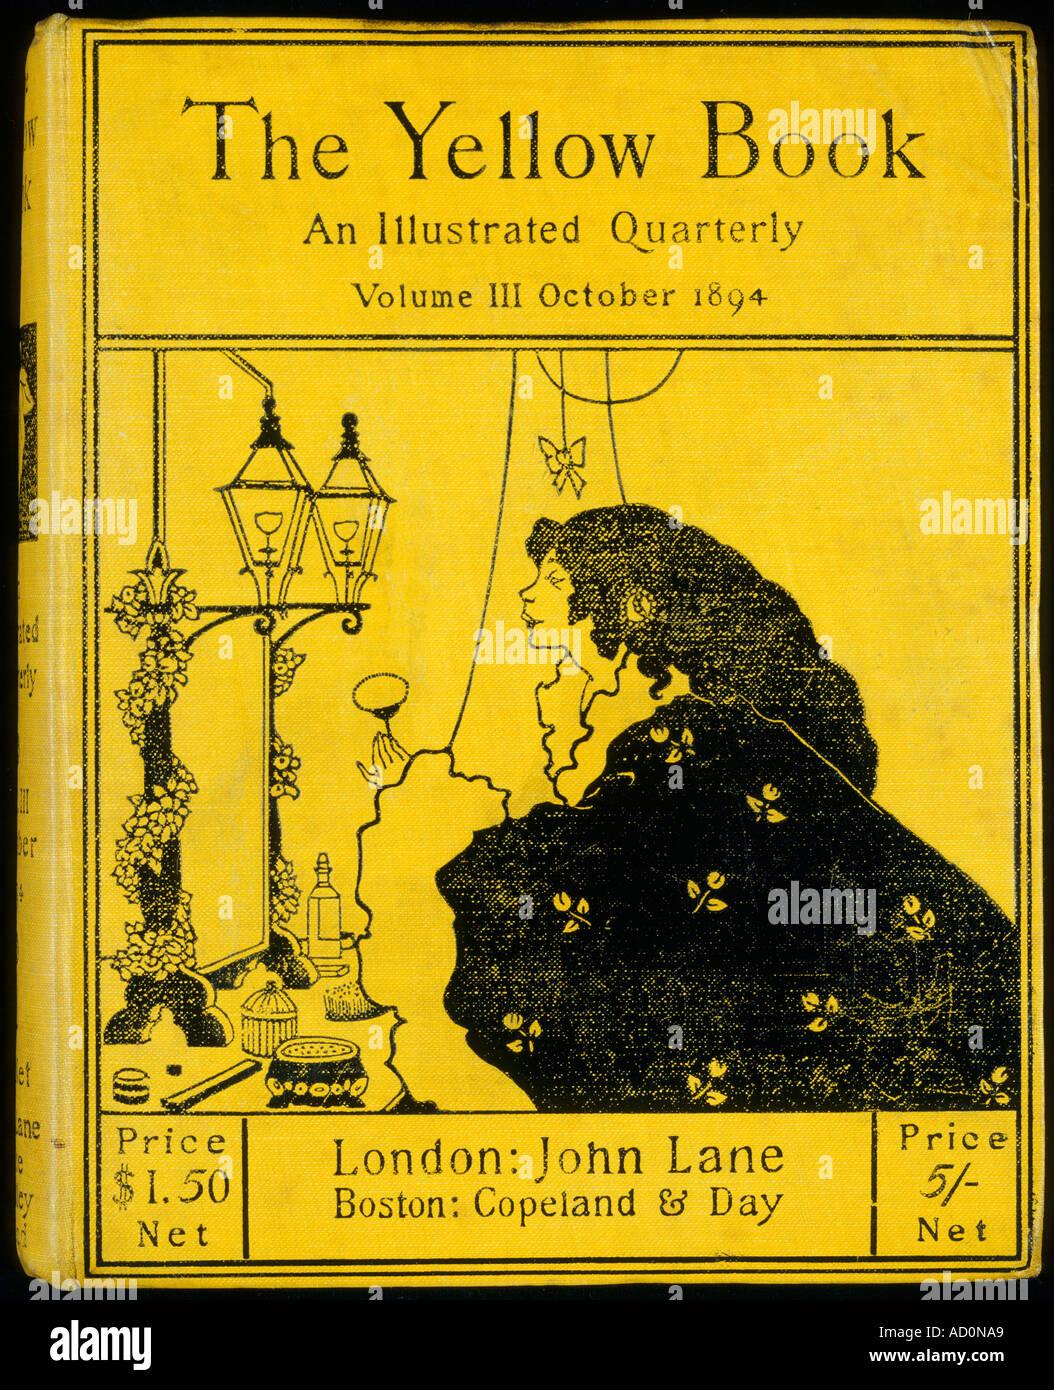 Il Libro Giallo vol III, da Aubrey Beardsley, 1872-1898. Londra, Inghilterra, xix secolo. Immagini Stock